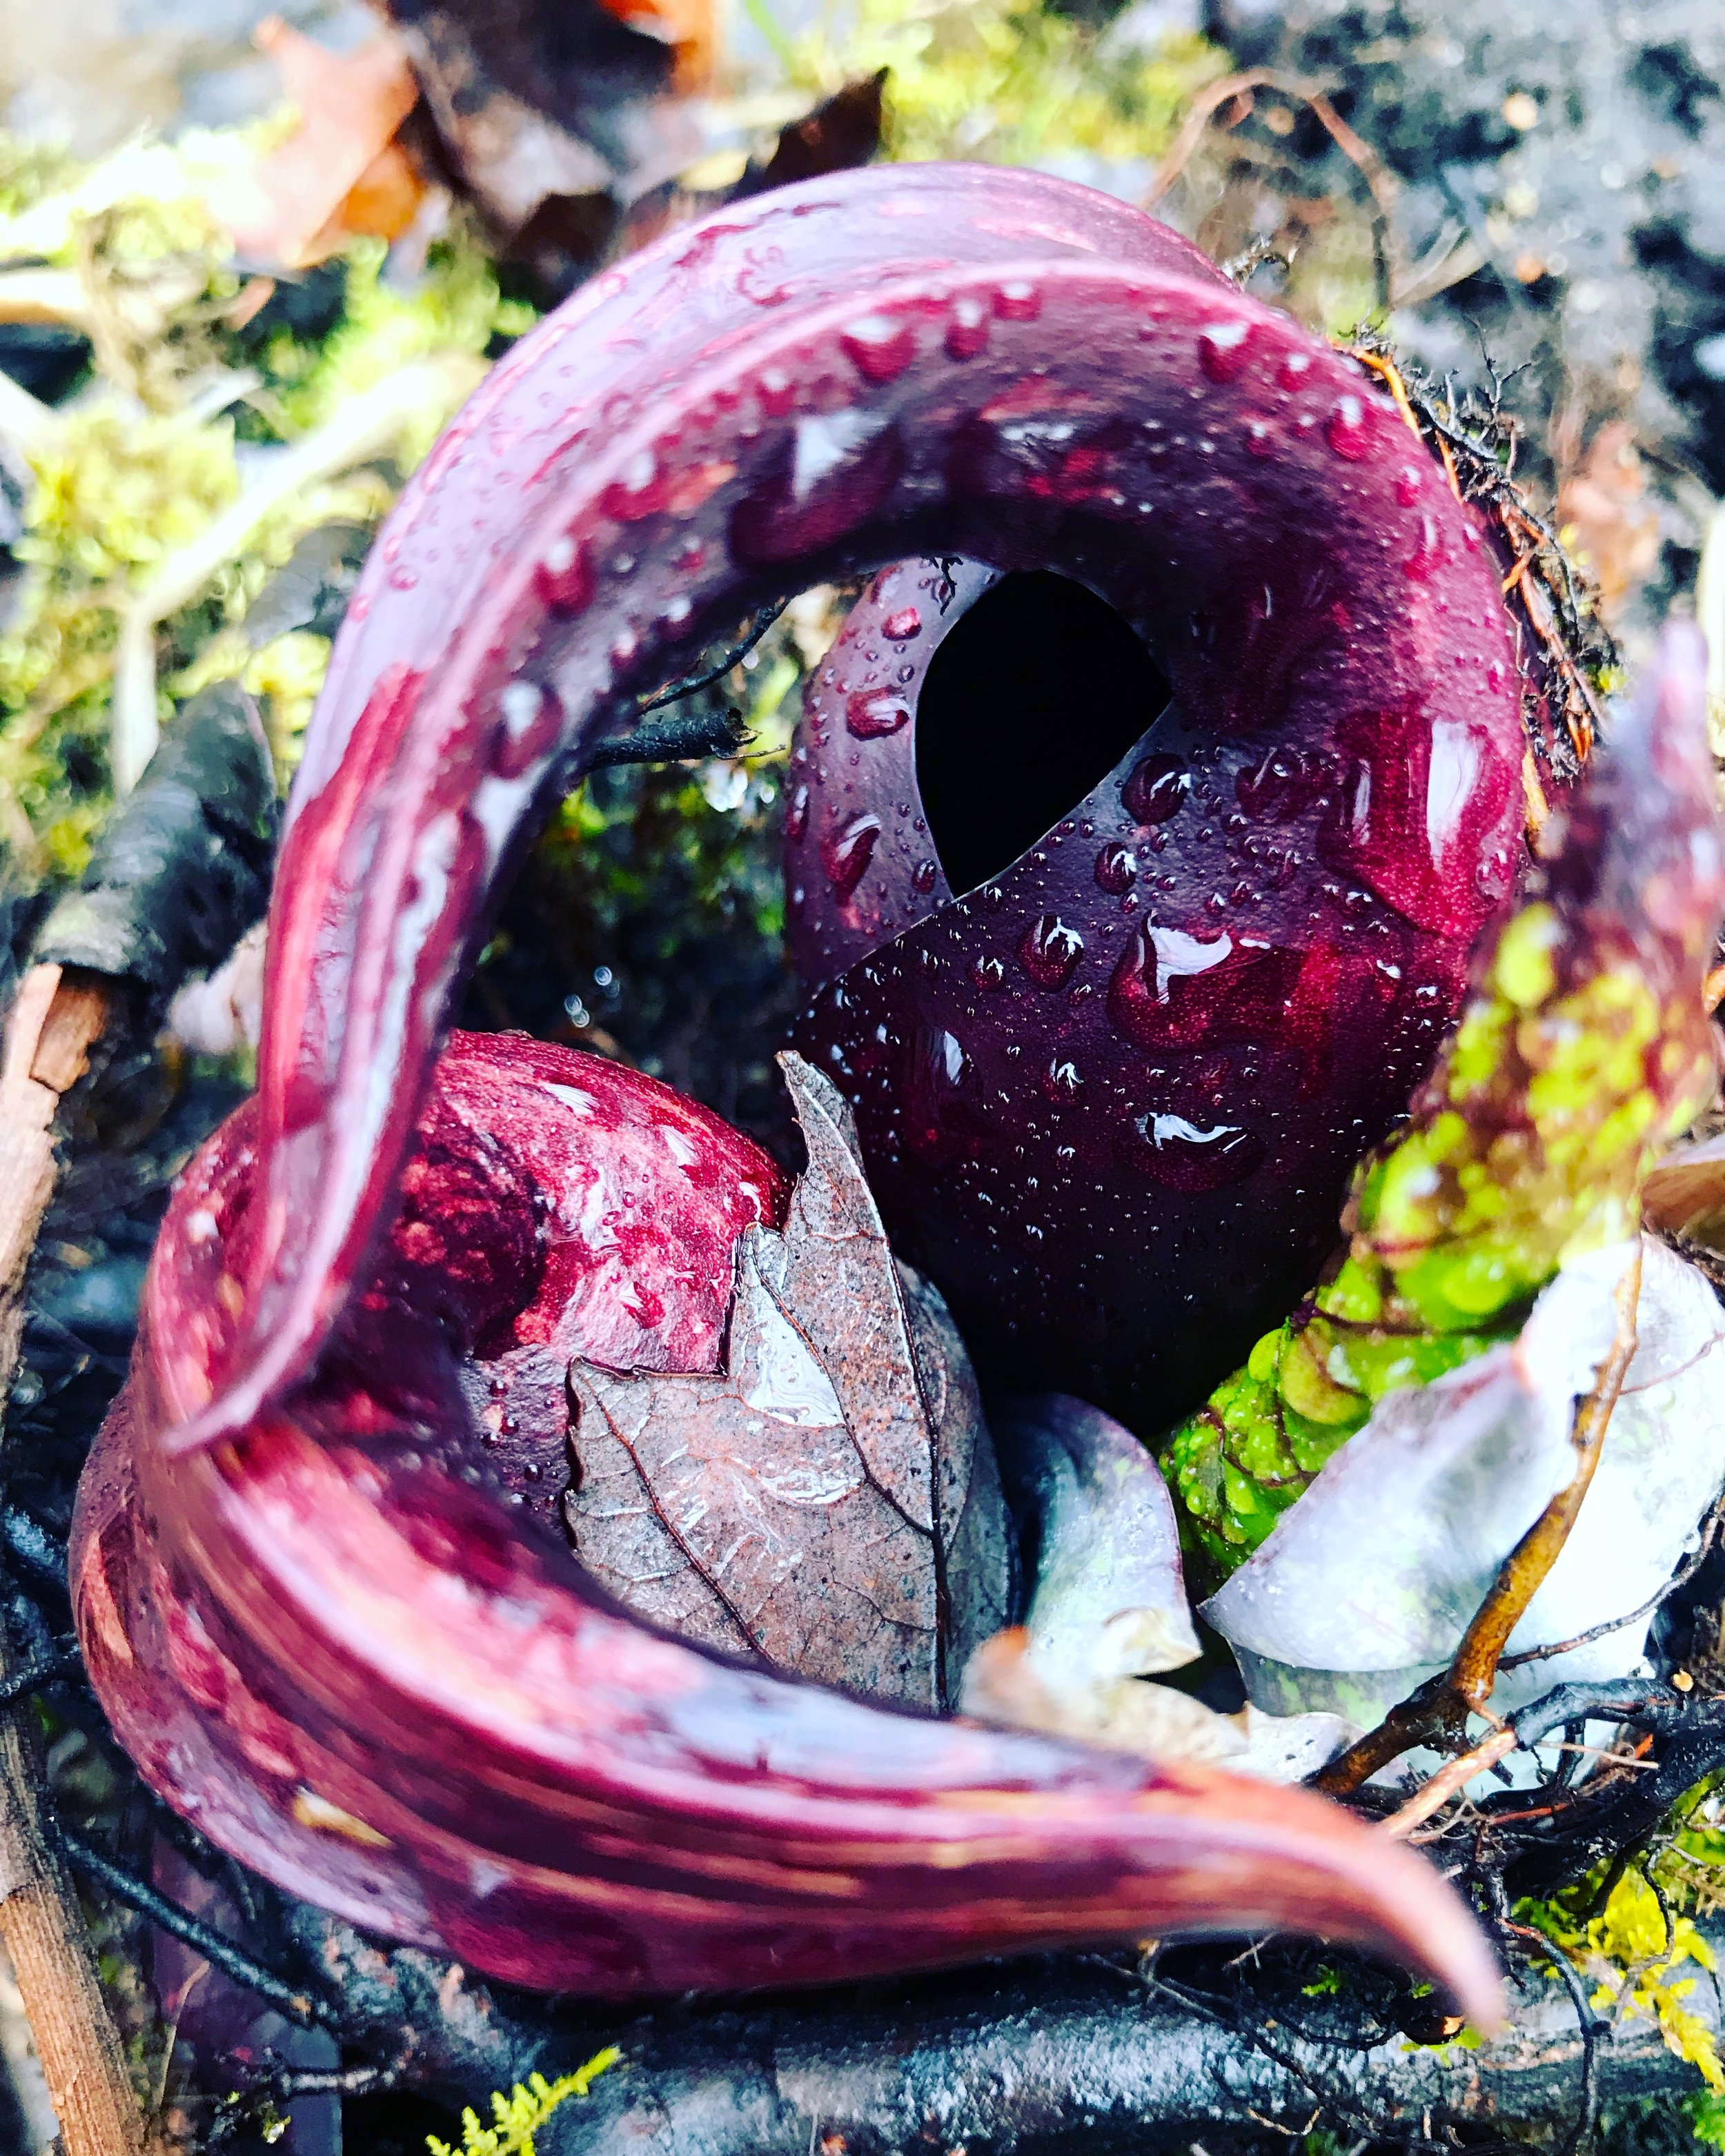 Skunk cabbage in the wetlands